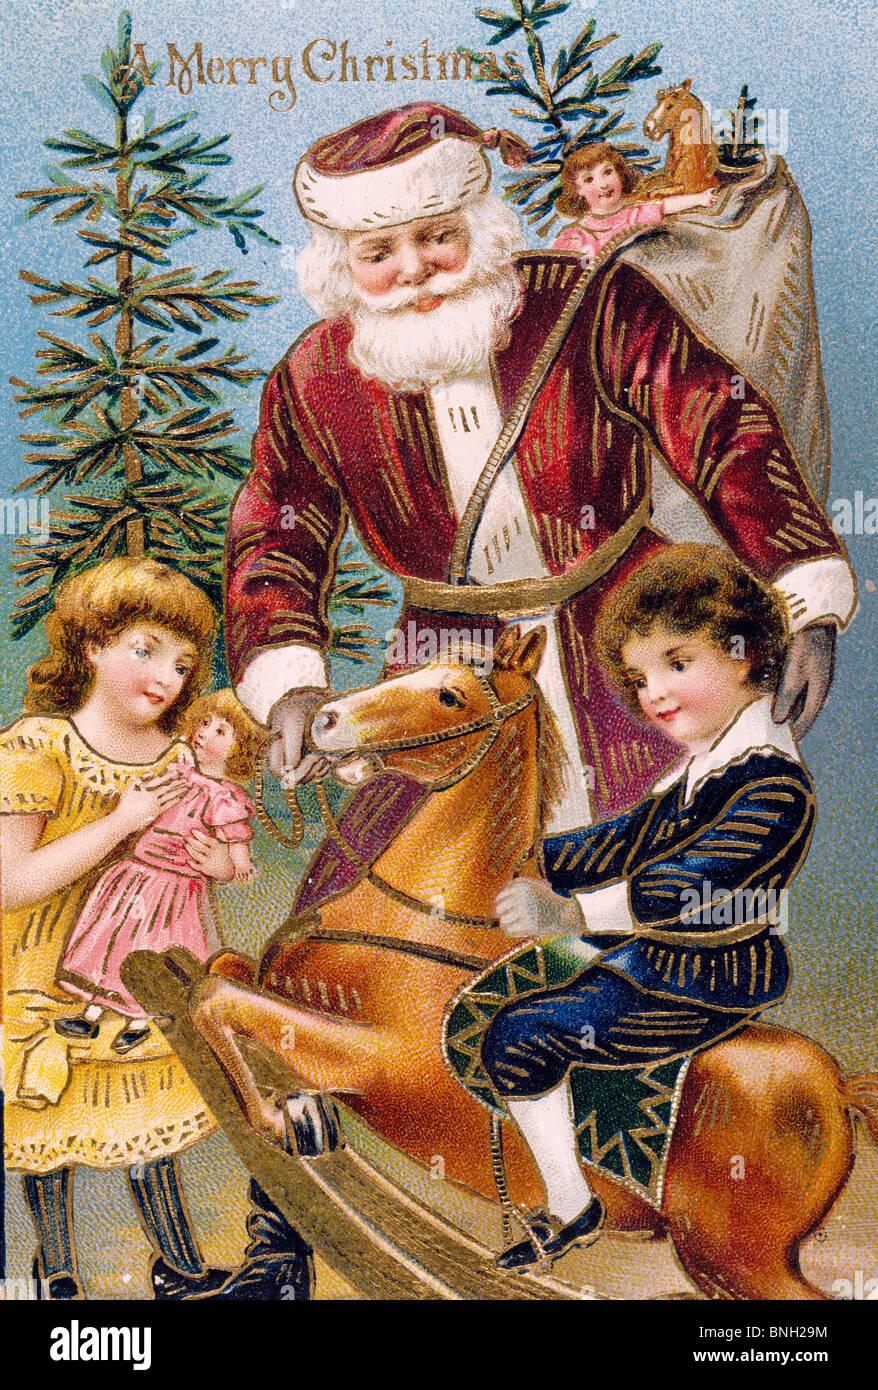 Bilder Weihnachten Nostalgisch.Frohe Weihnachten Nostalgie Karten Stockfoto Bild 30493168 Alamy